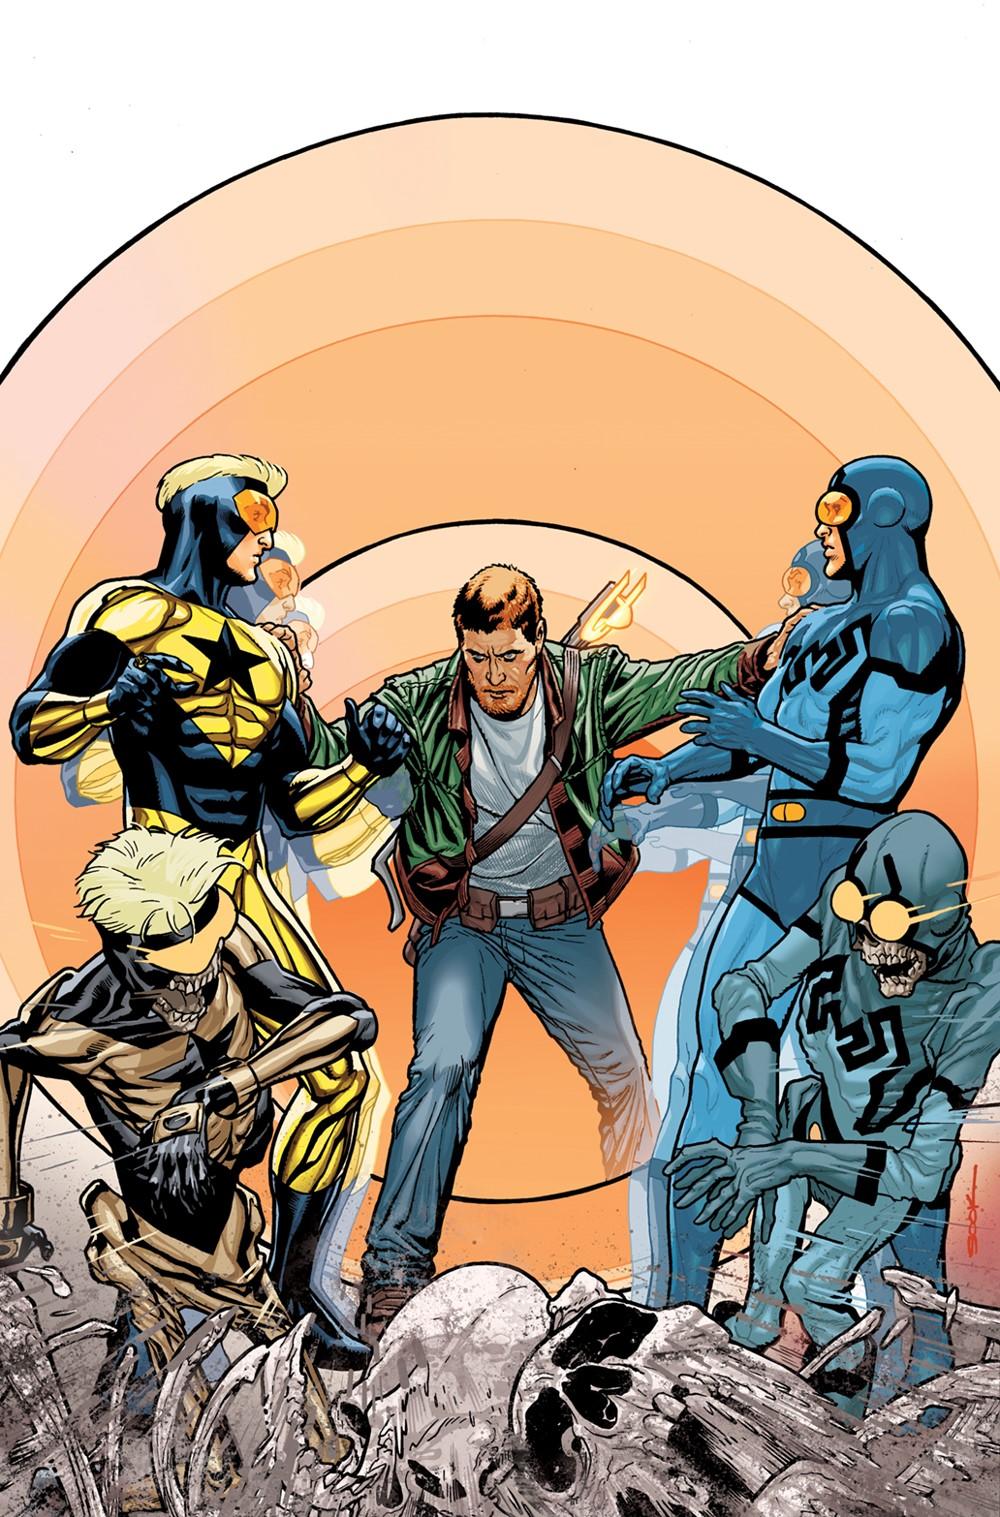 Blue_and_Gold_Cv5 DC Comics December 2021 Solicitations